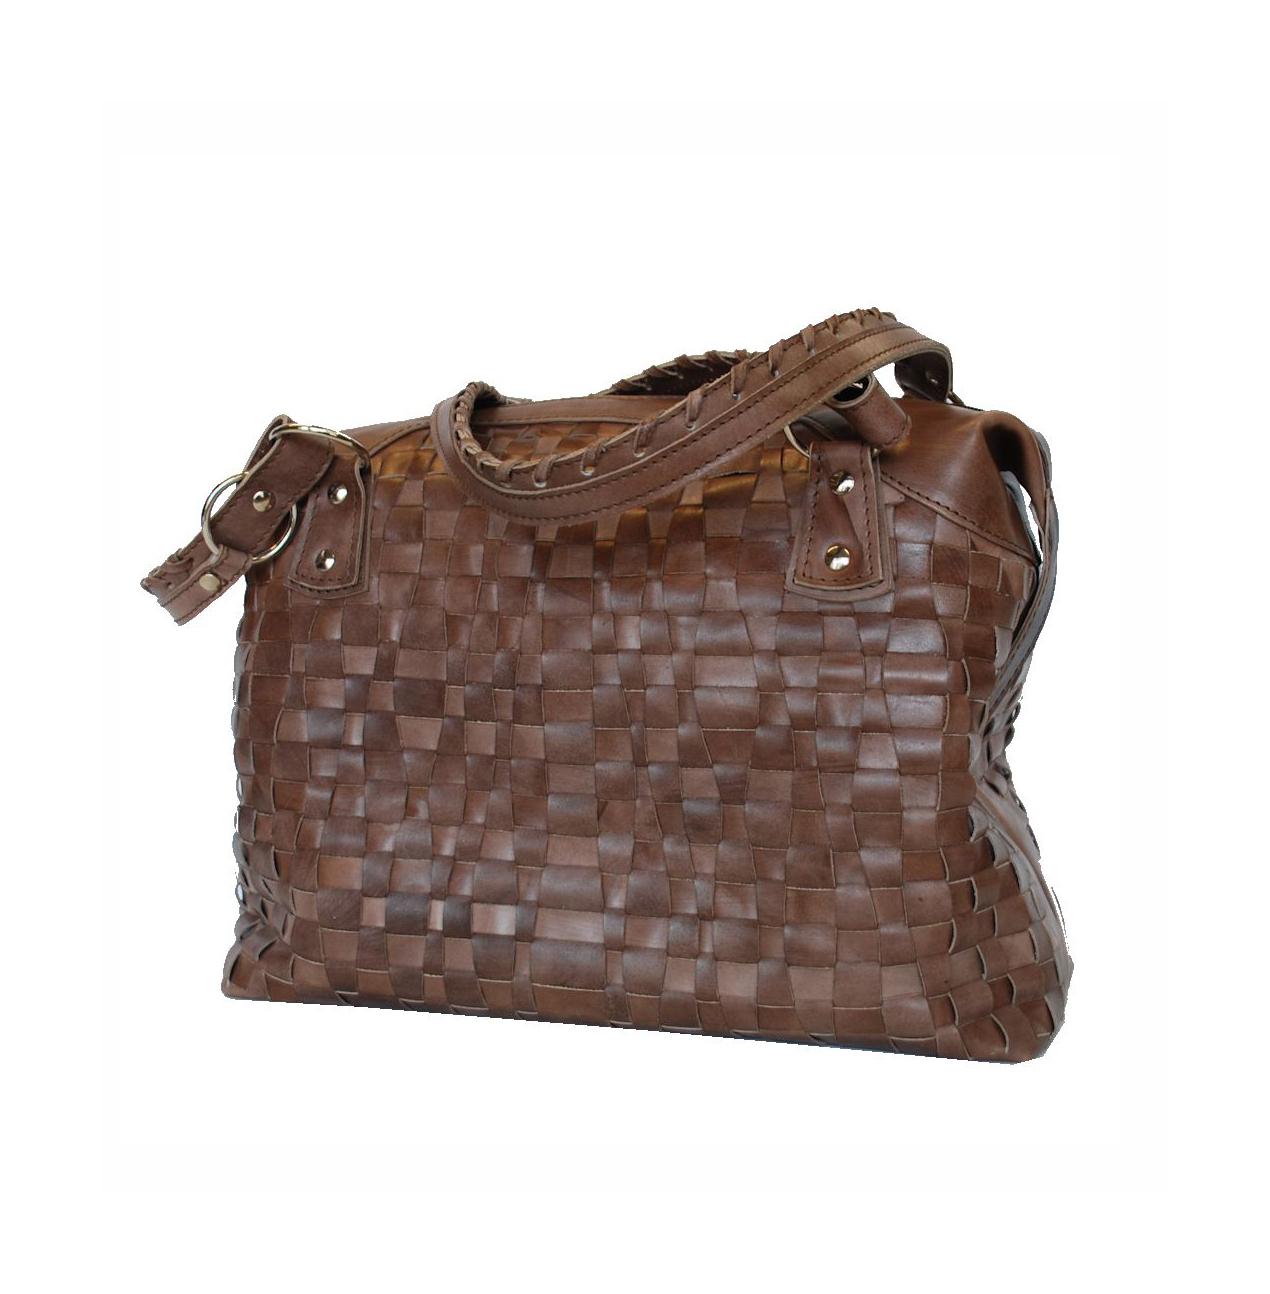 Atraktívna tkaná kožená kabelka č. 8638 v hnedej farbe  e85d41bdfec